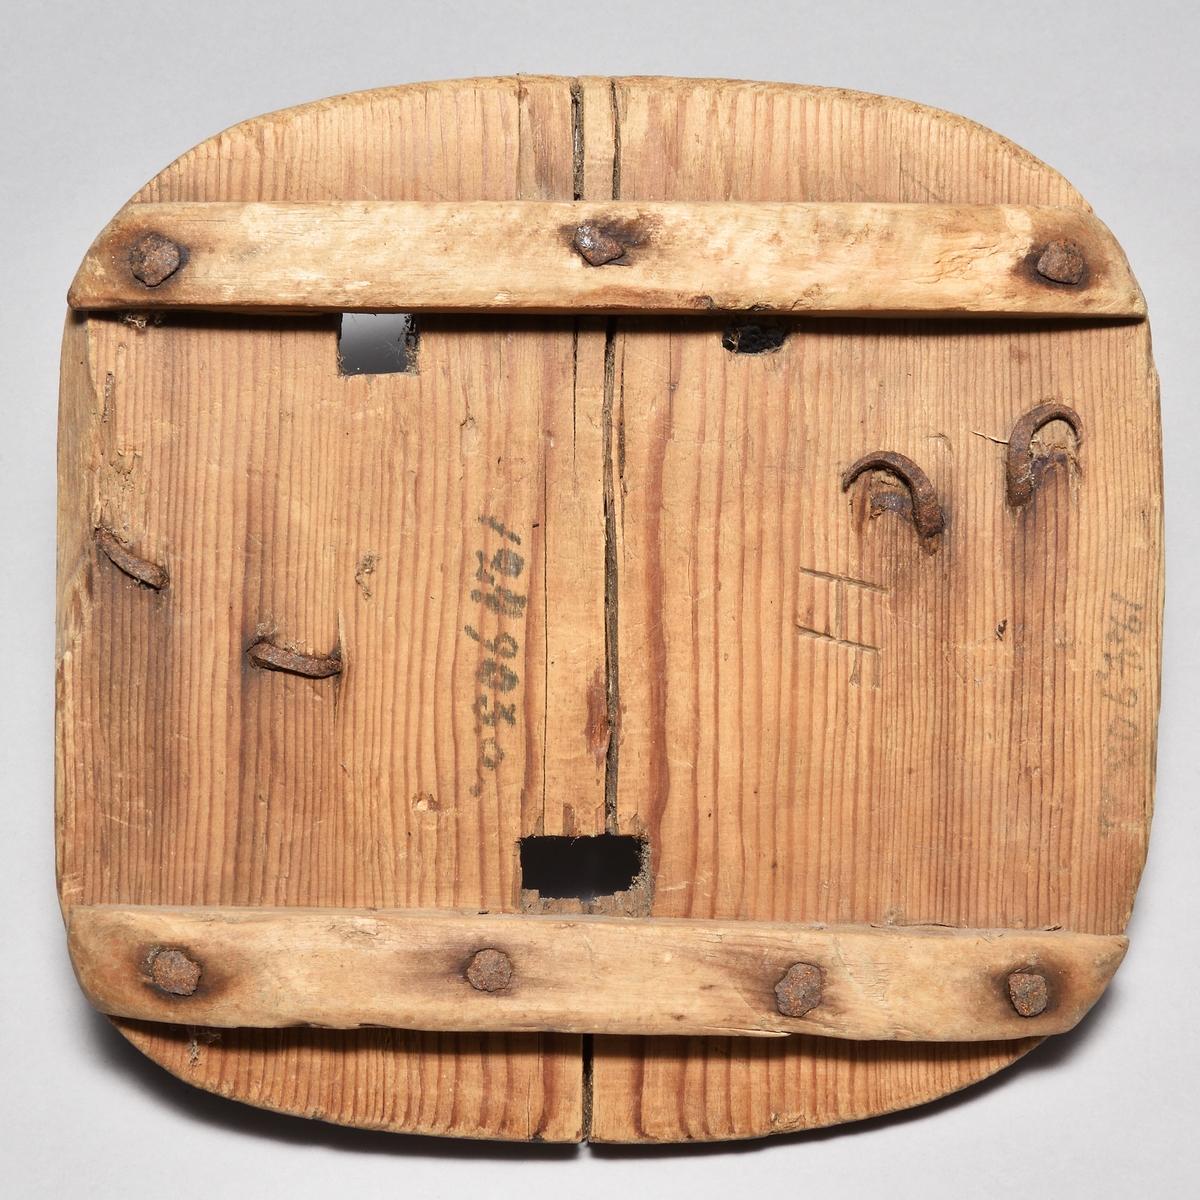 """Hästtrygor, 3 st, av furu, alla av samma form: fyrkantiga med rundade hörn. På undersidan två påspikade tvärslåar av björk. Tre hål för broddarna, bindslen i form av hasp av järn. Märken efter hästskon. A märkt med """"HF"""", B med """"HB"""" och C med """"WA""""."""